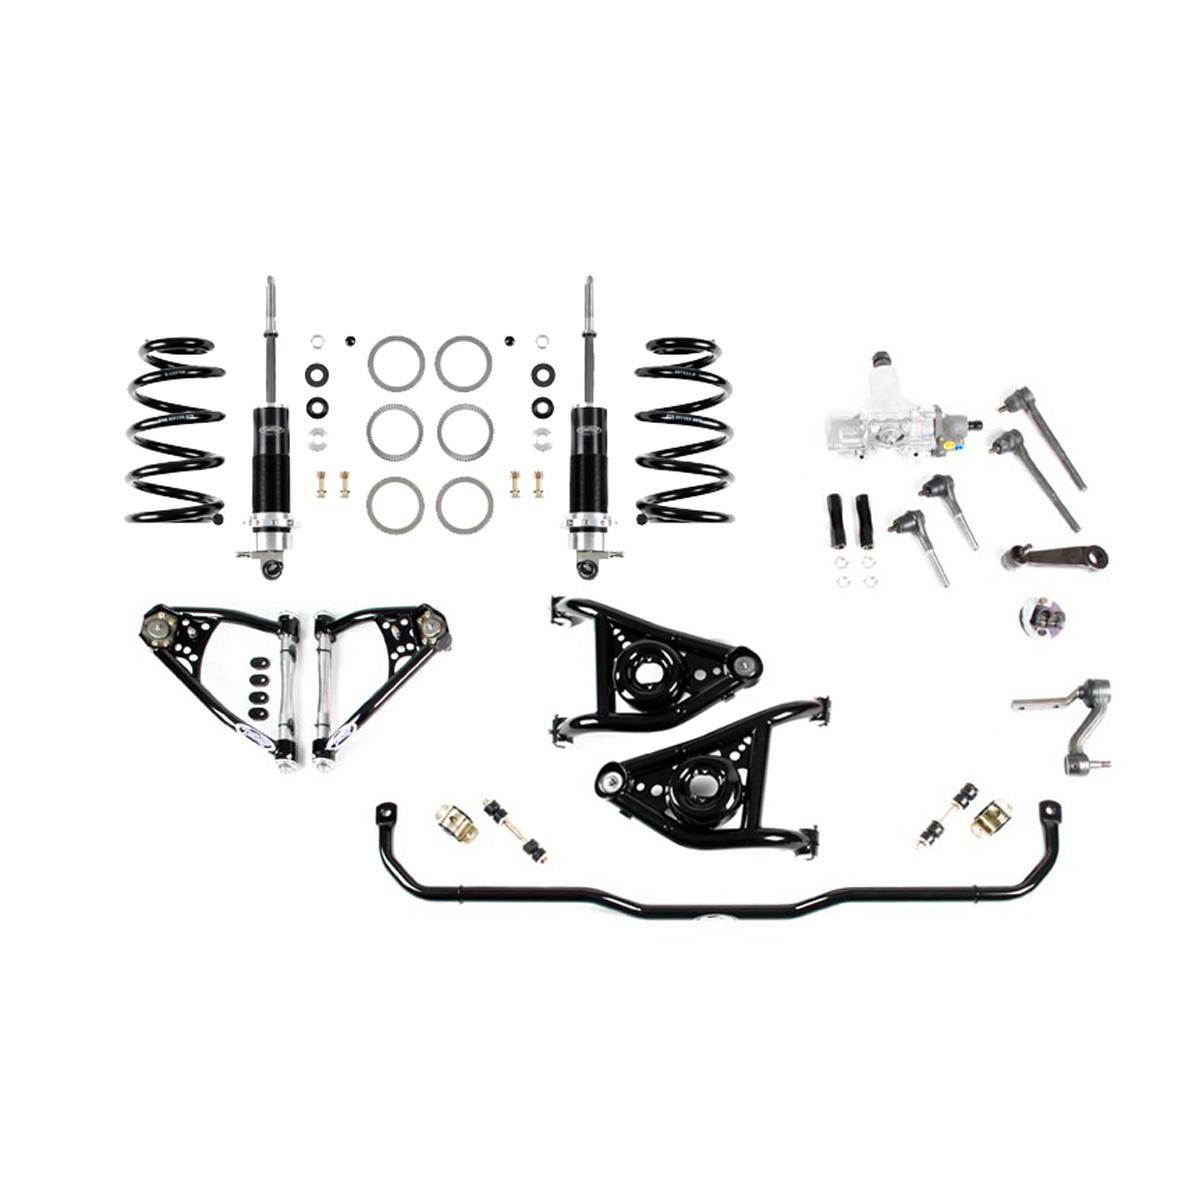 Speed Kit 3 Front Suspension Kit 69 Camaro Firebird